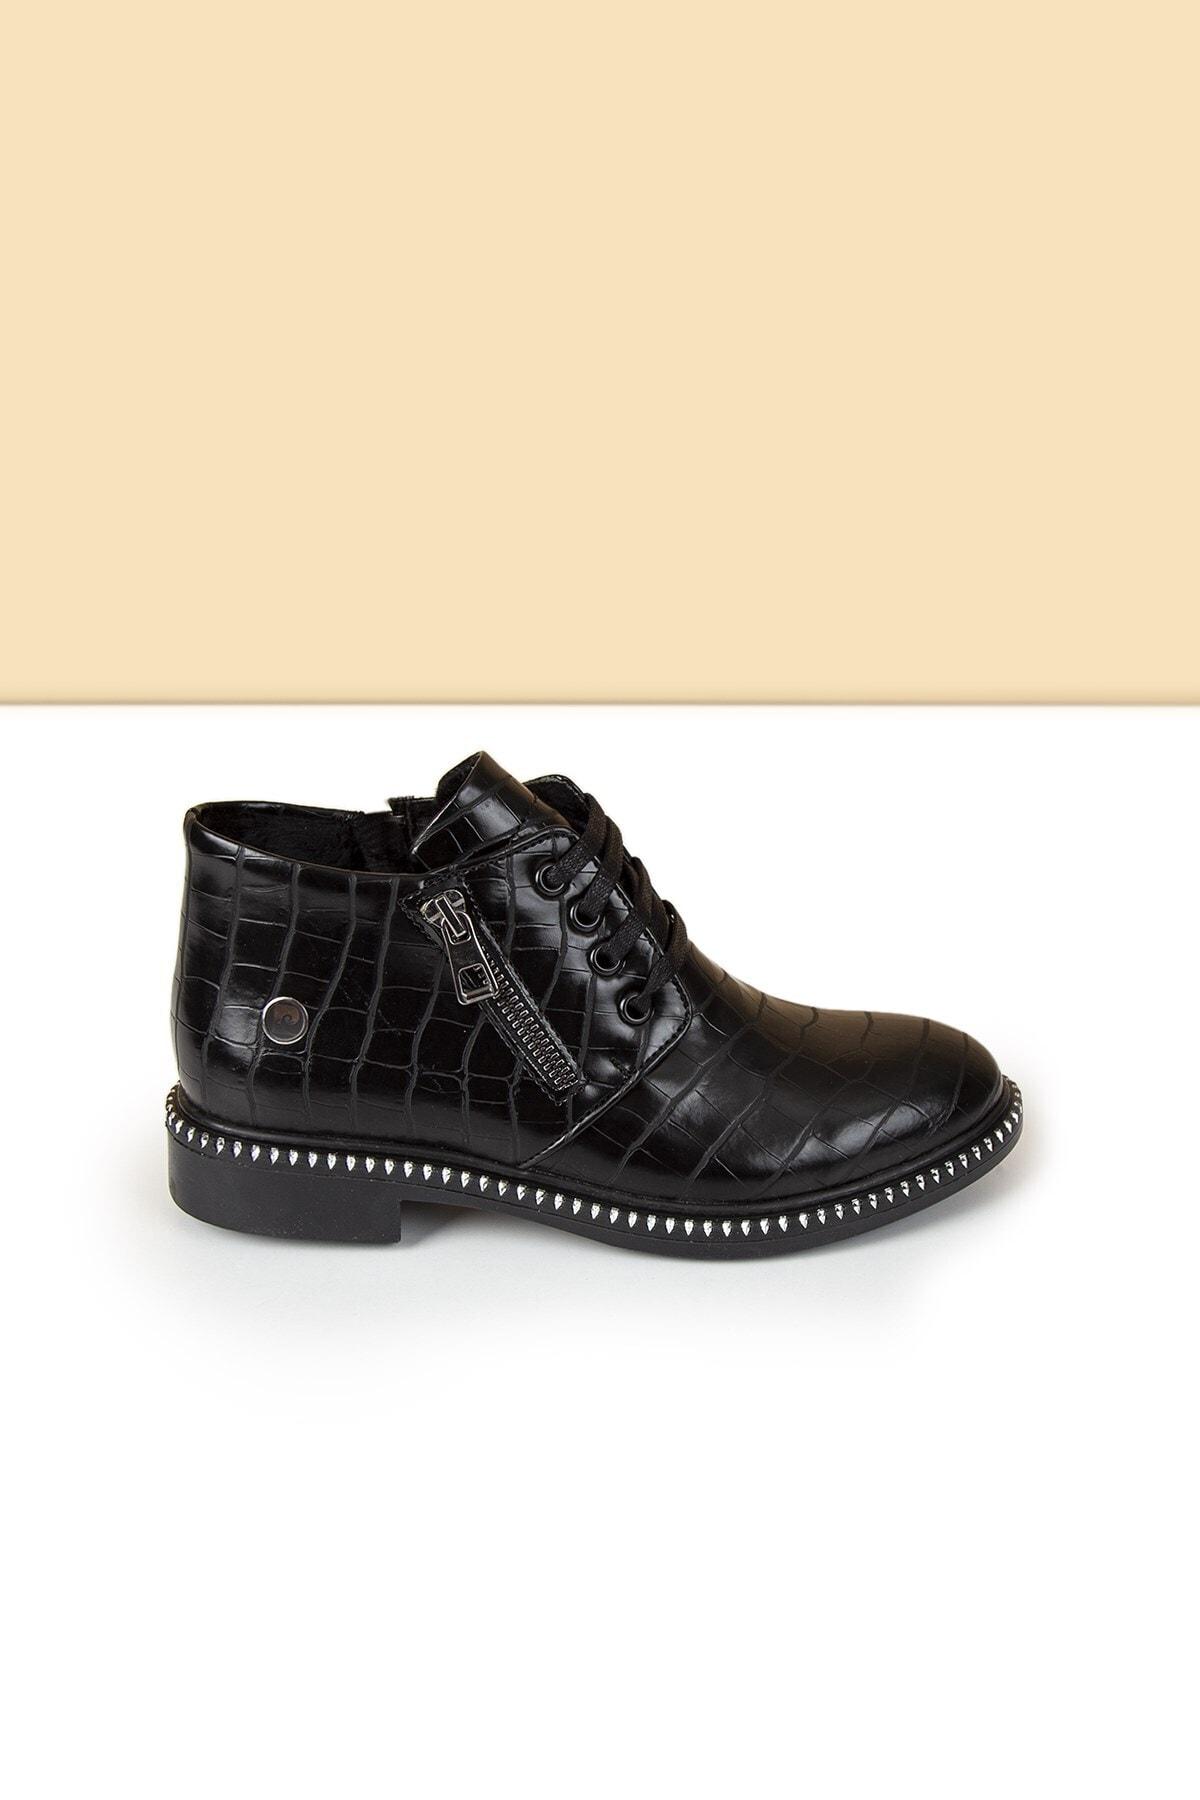 Pierre Cardin Pc-50421 - 3441-739 - Siyah Krokodil 2